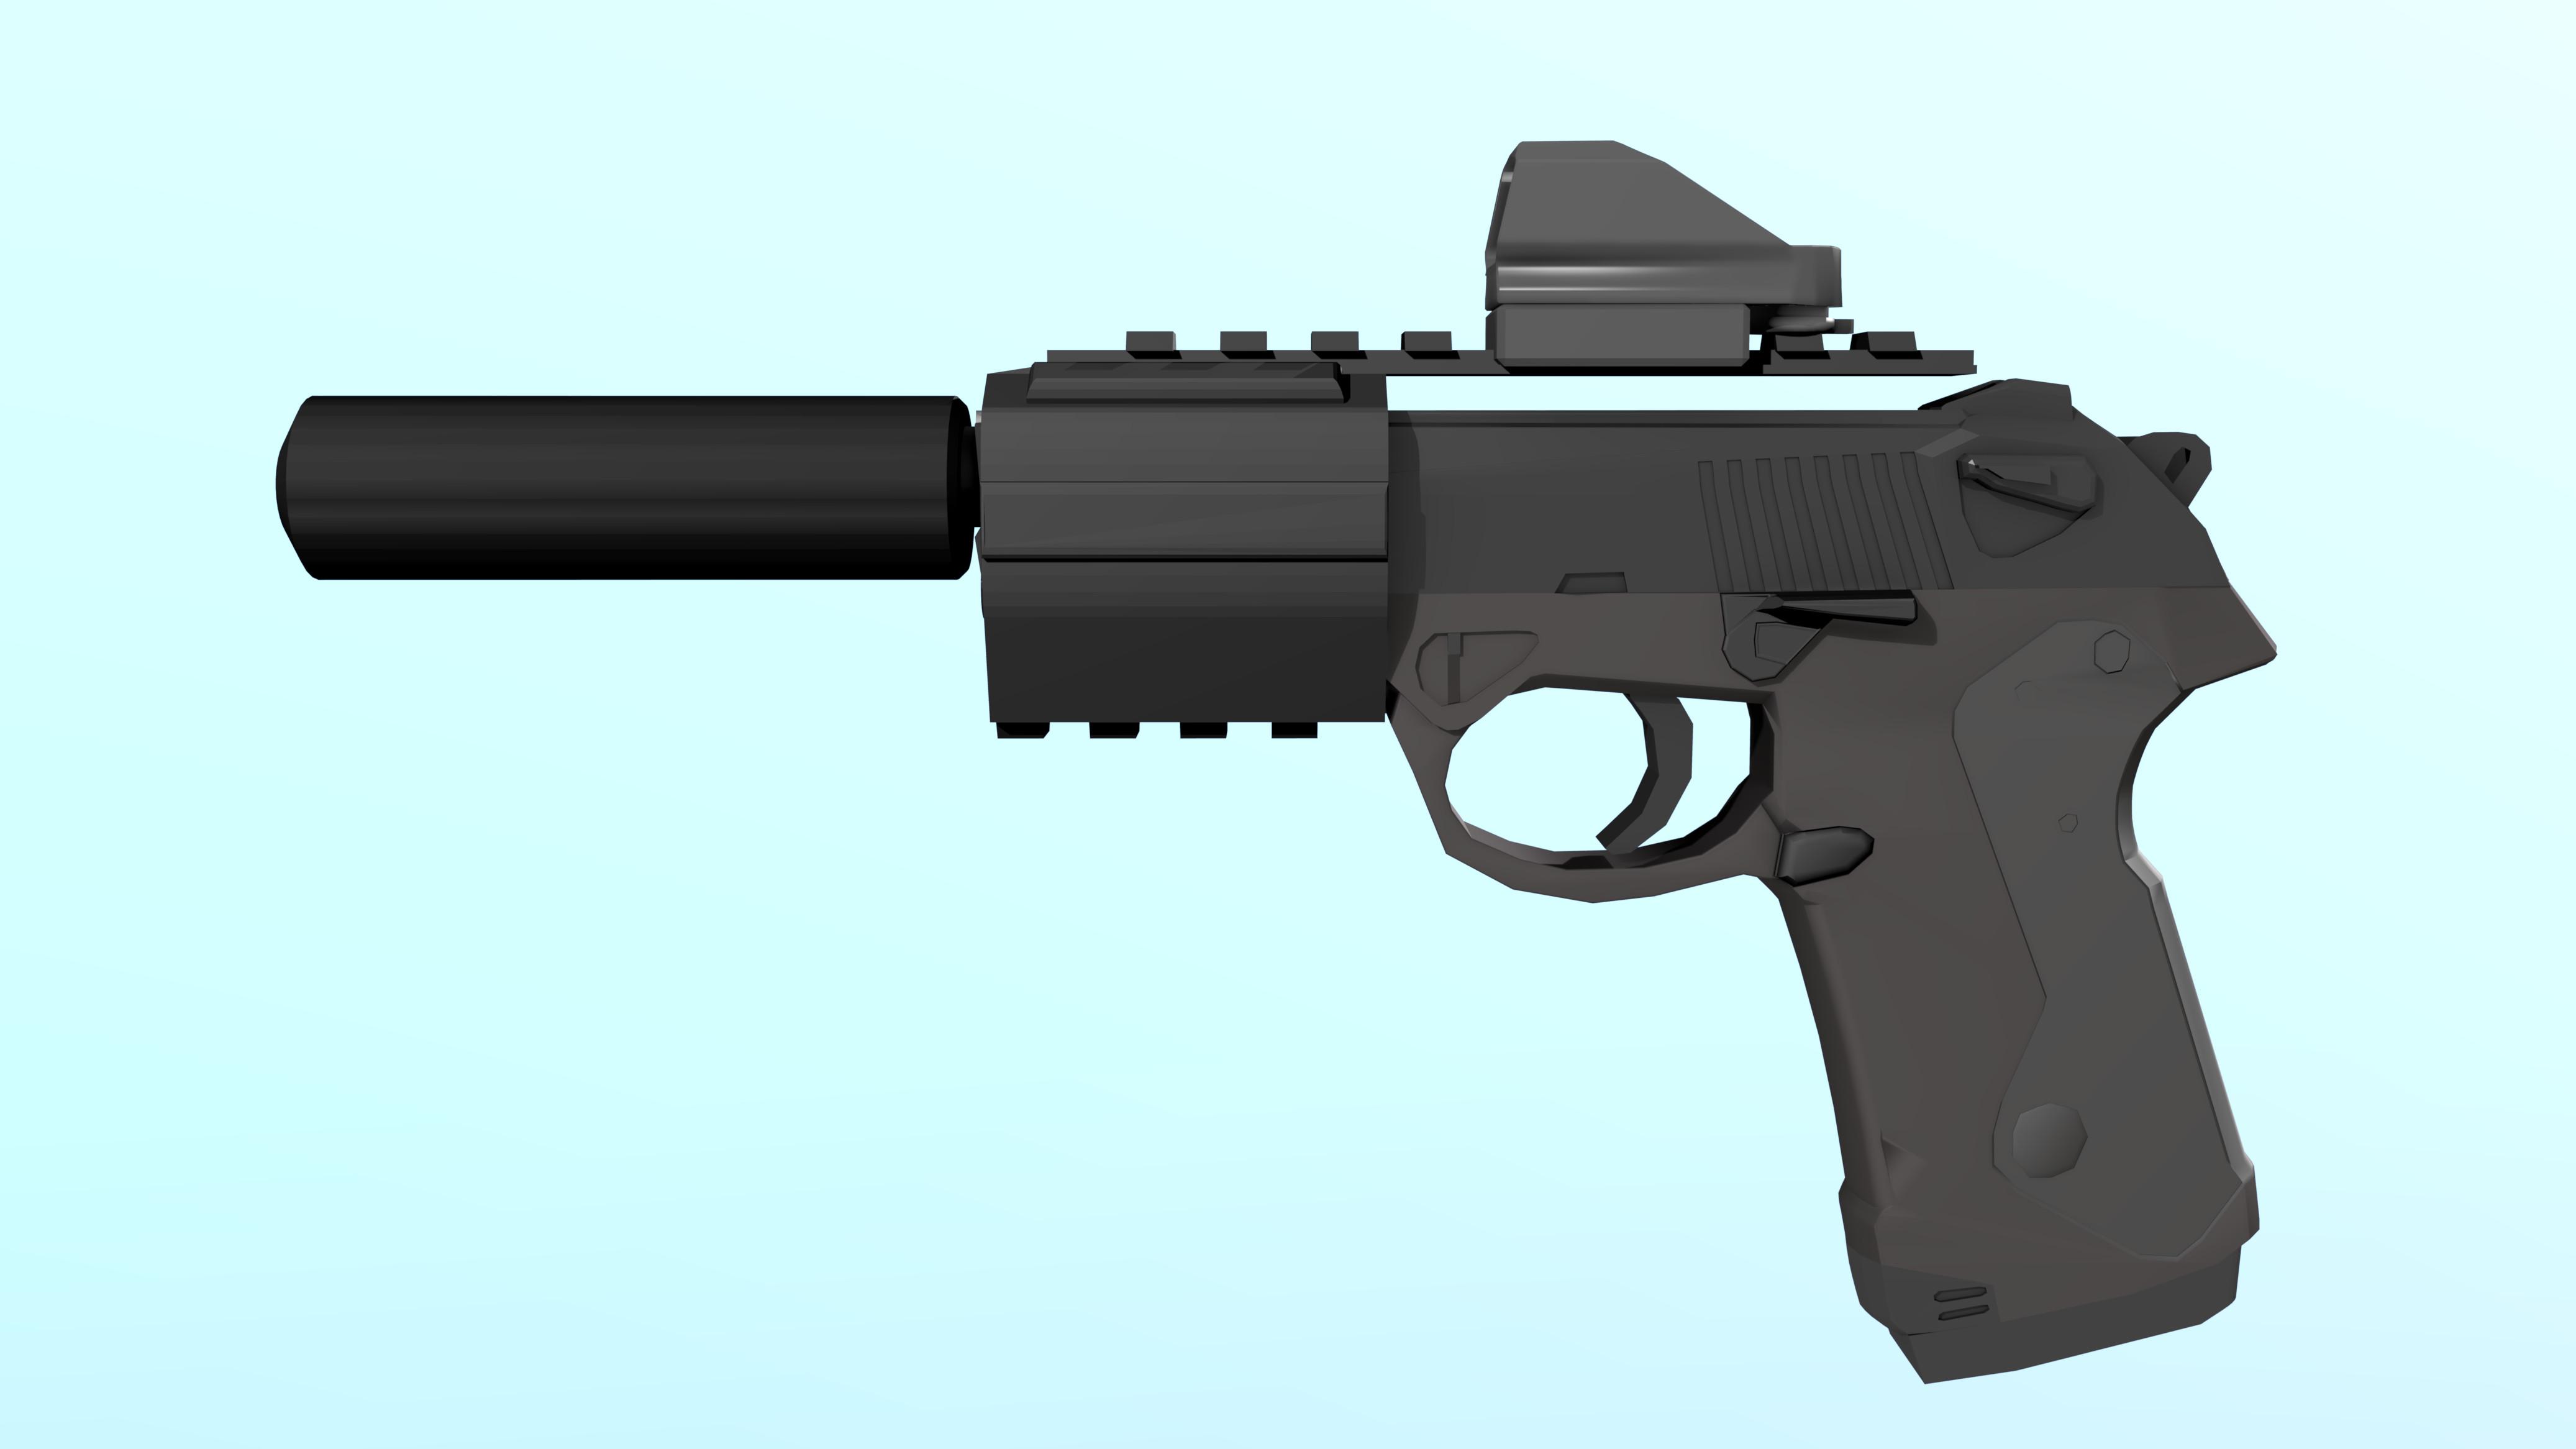 Beretta Px4 Storm